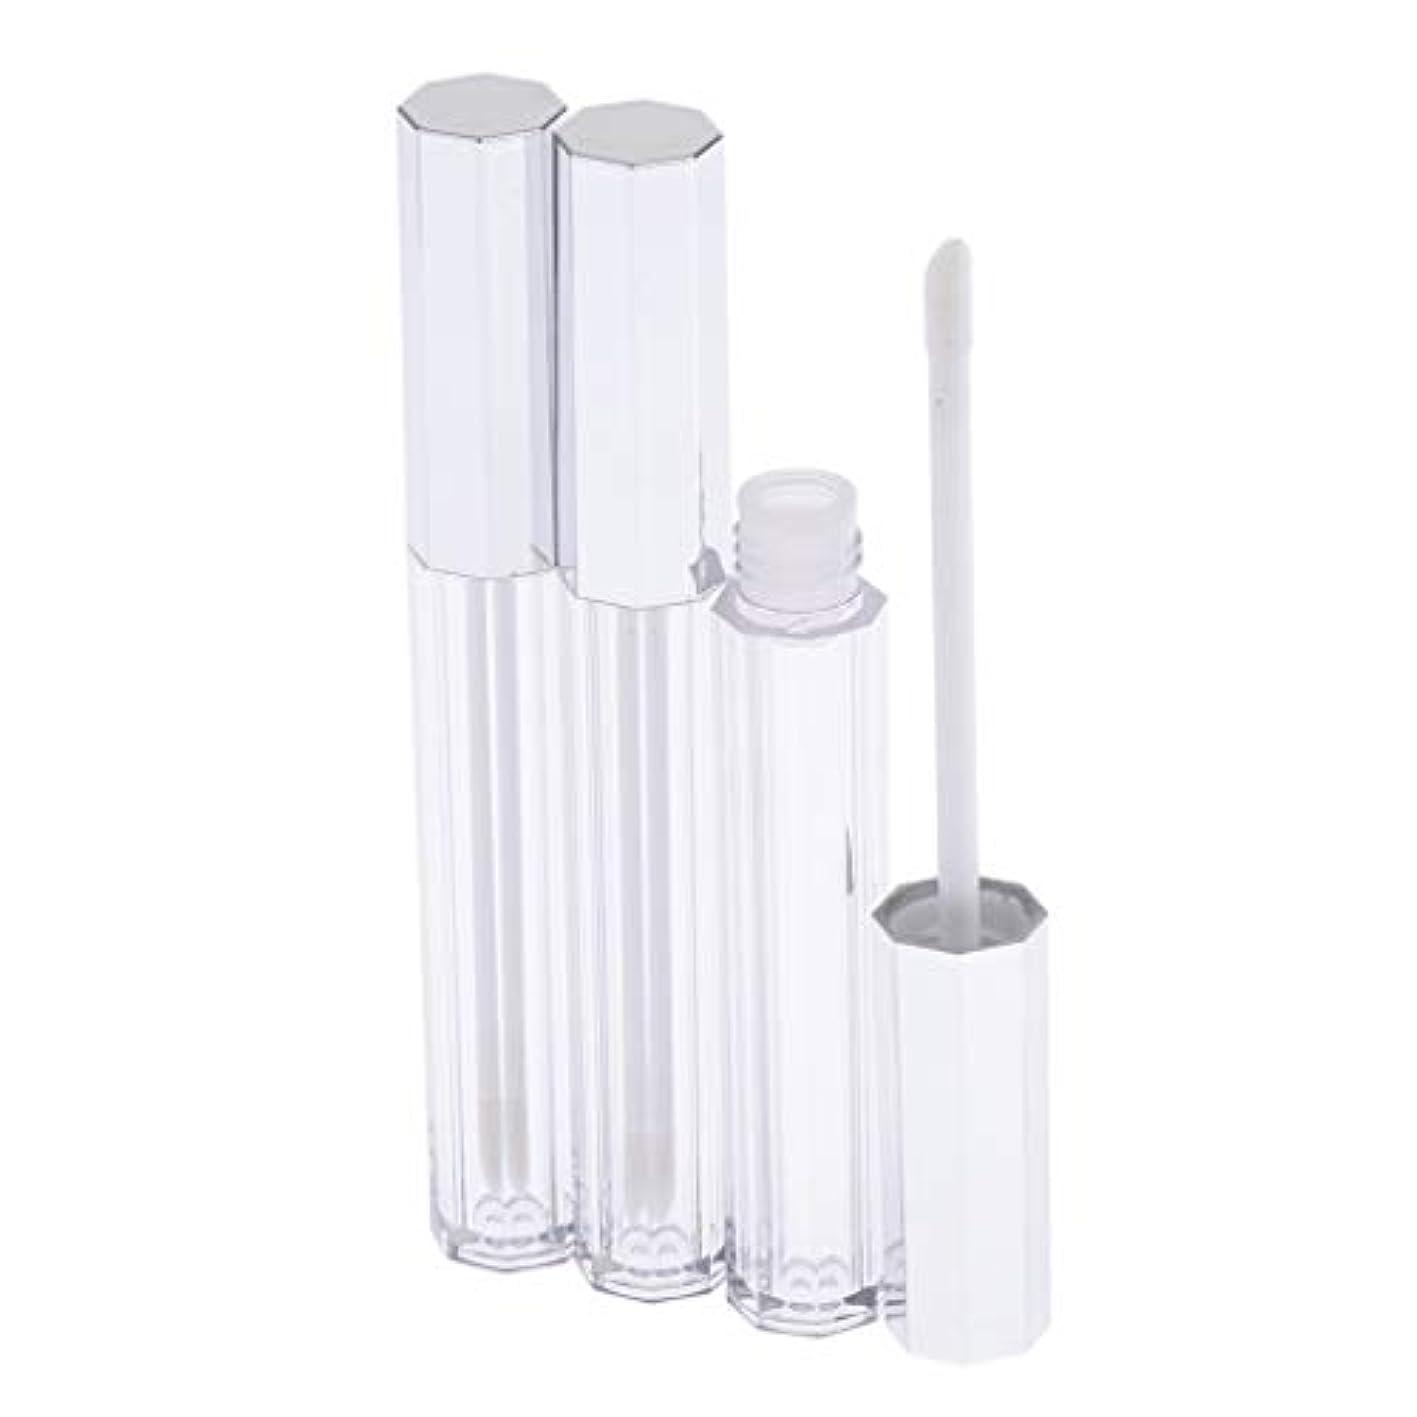 シプリー刺すピックリップグロス 容器 チューブ クリア リップスティックチューブ プラスチック 5ml 3個セット